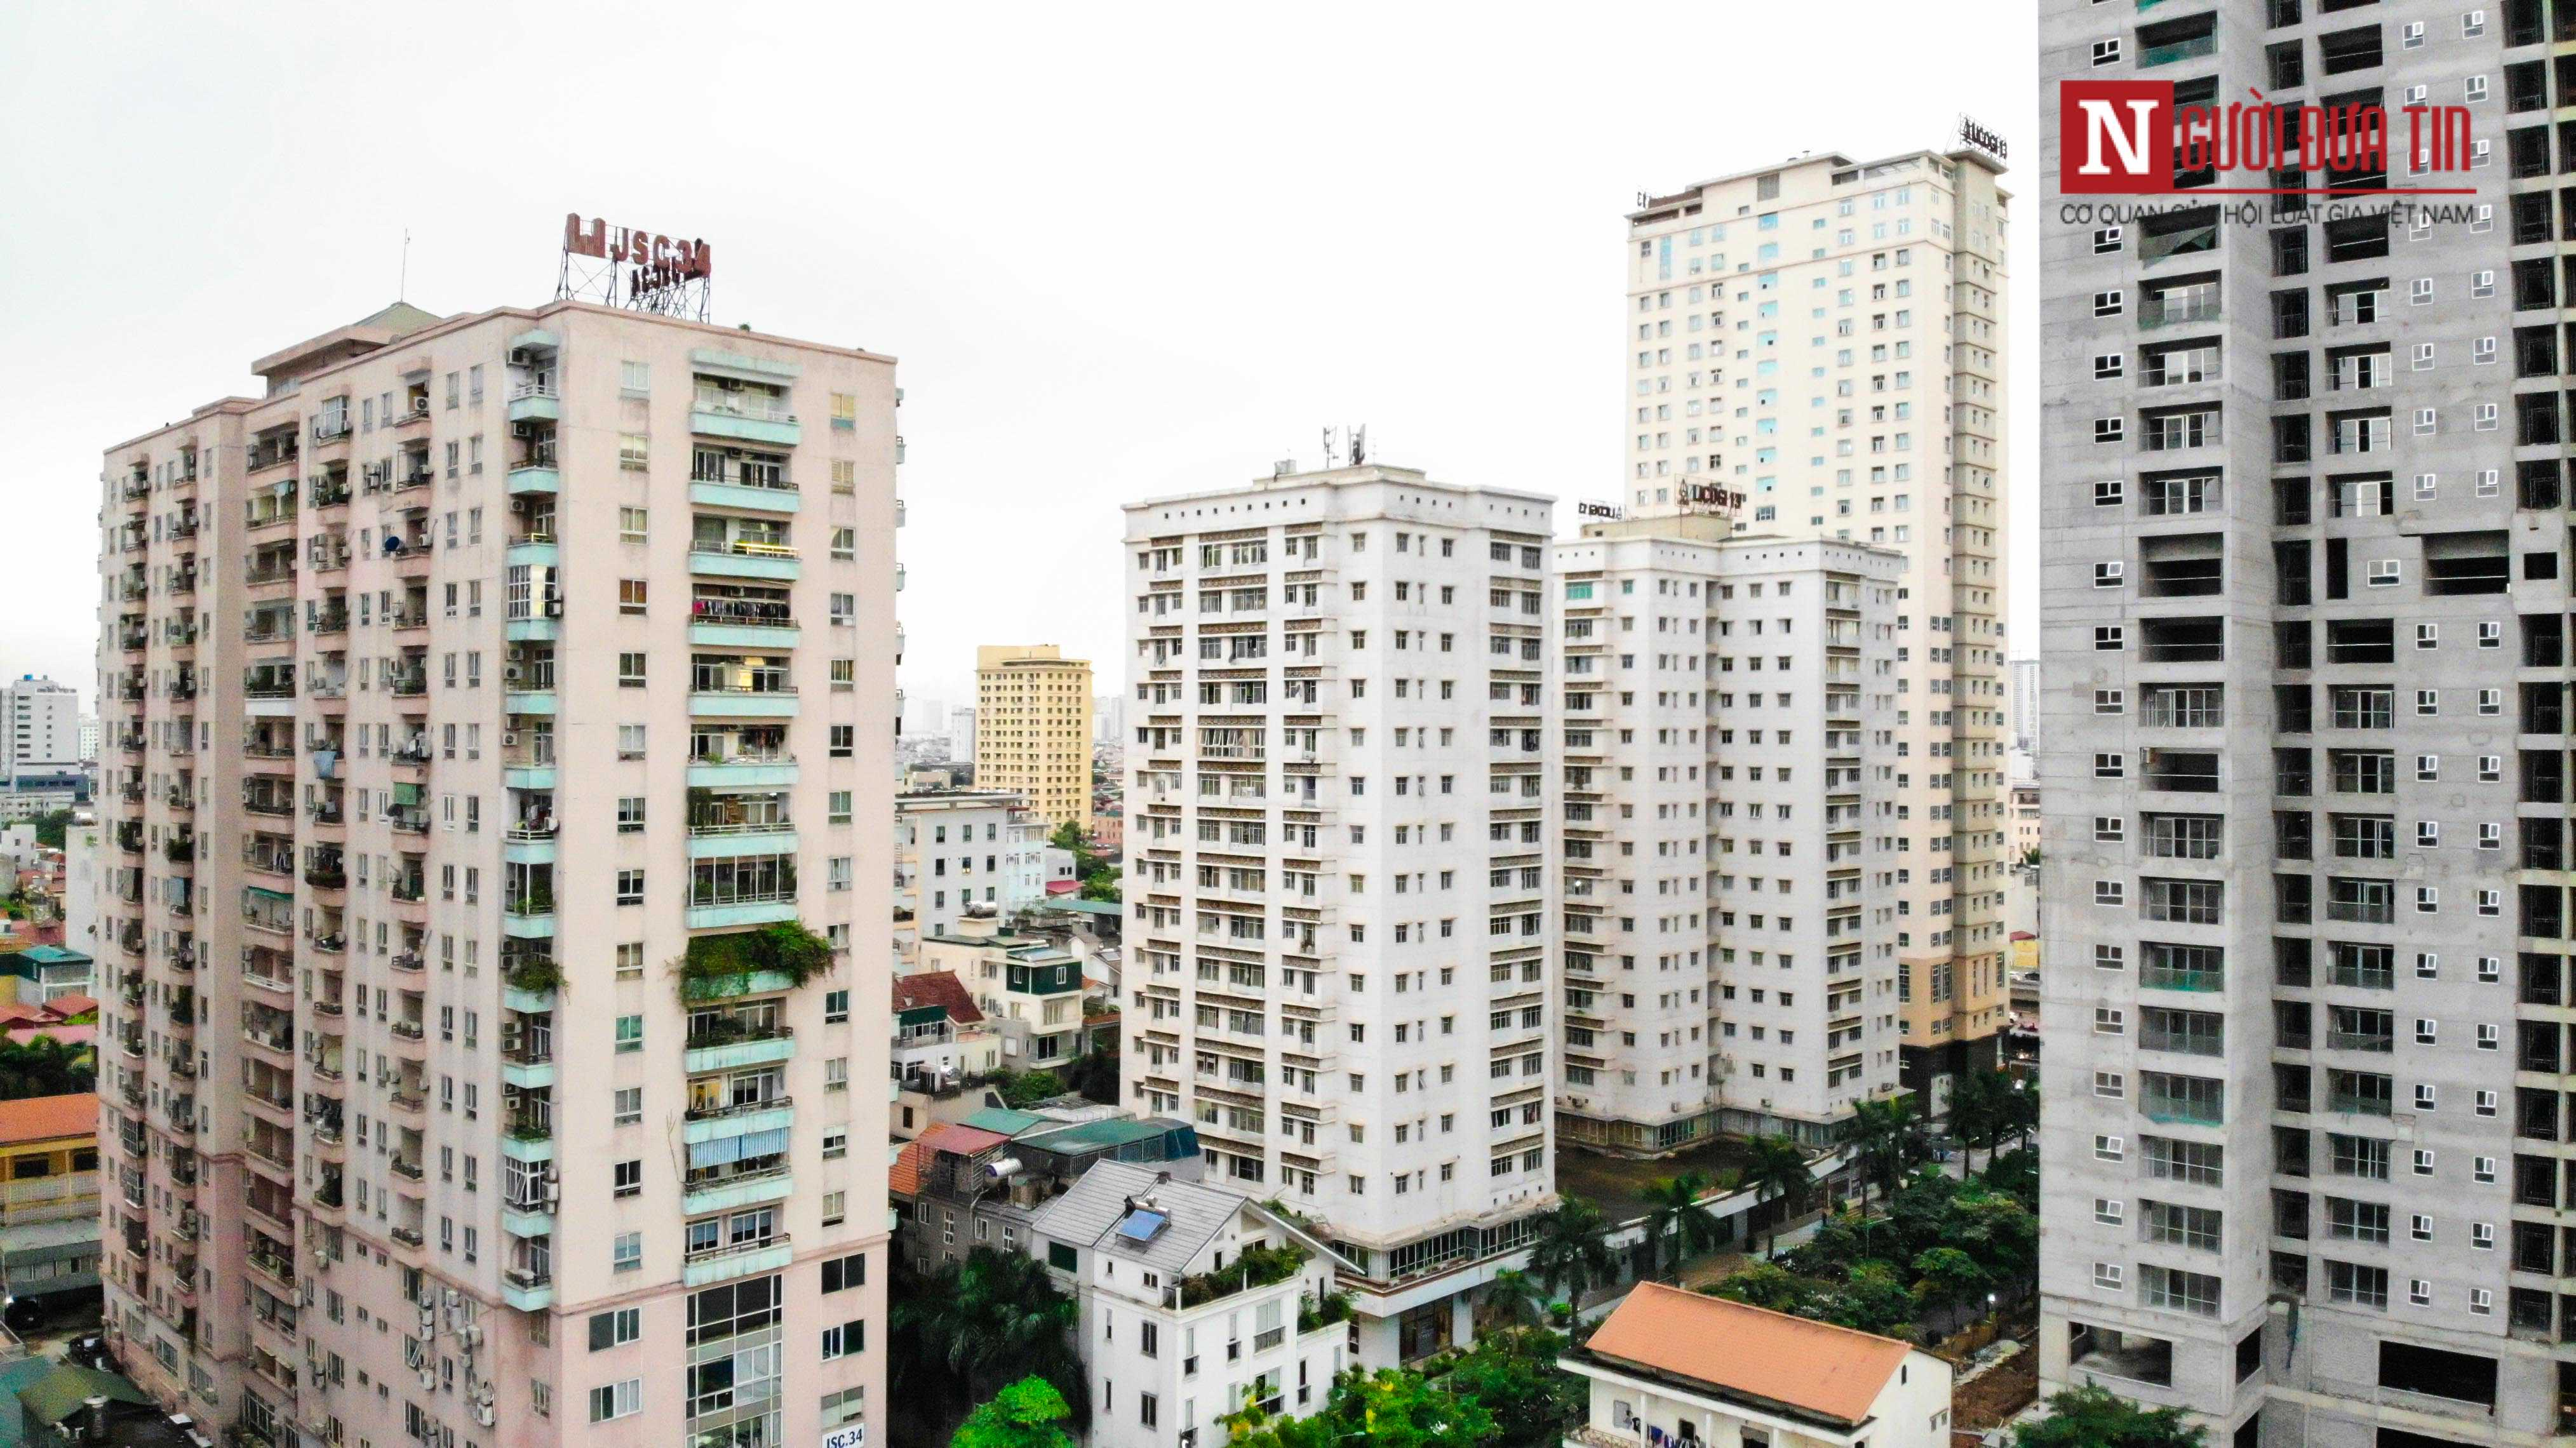 Bất động sản - Cận cảnh tuyến đường dài 2km cõng tới 40 toà nhà cao ốc tại Thủ đô (Hình 4).